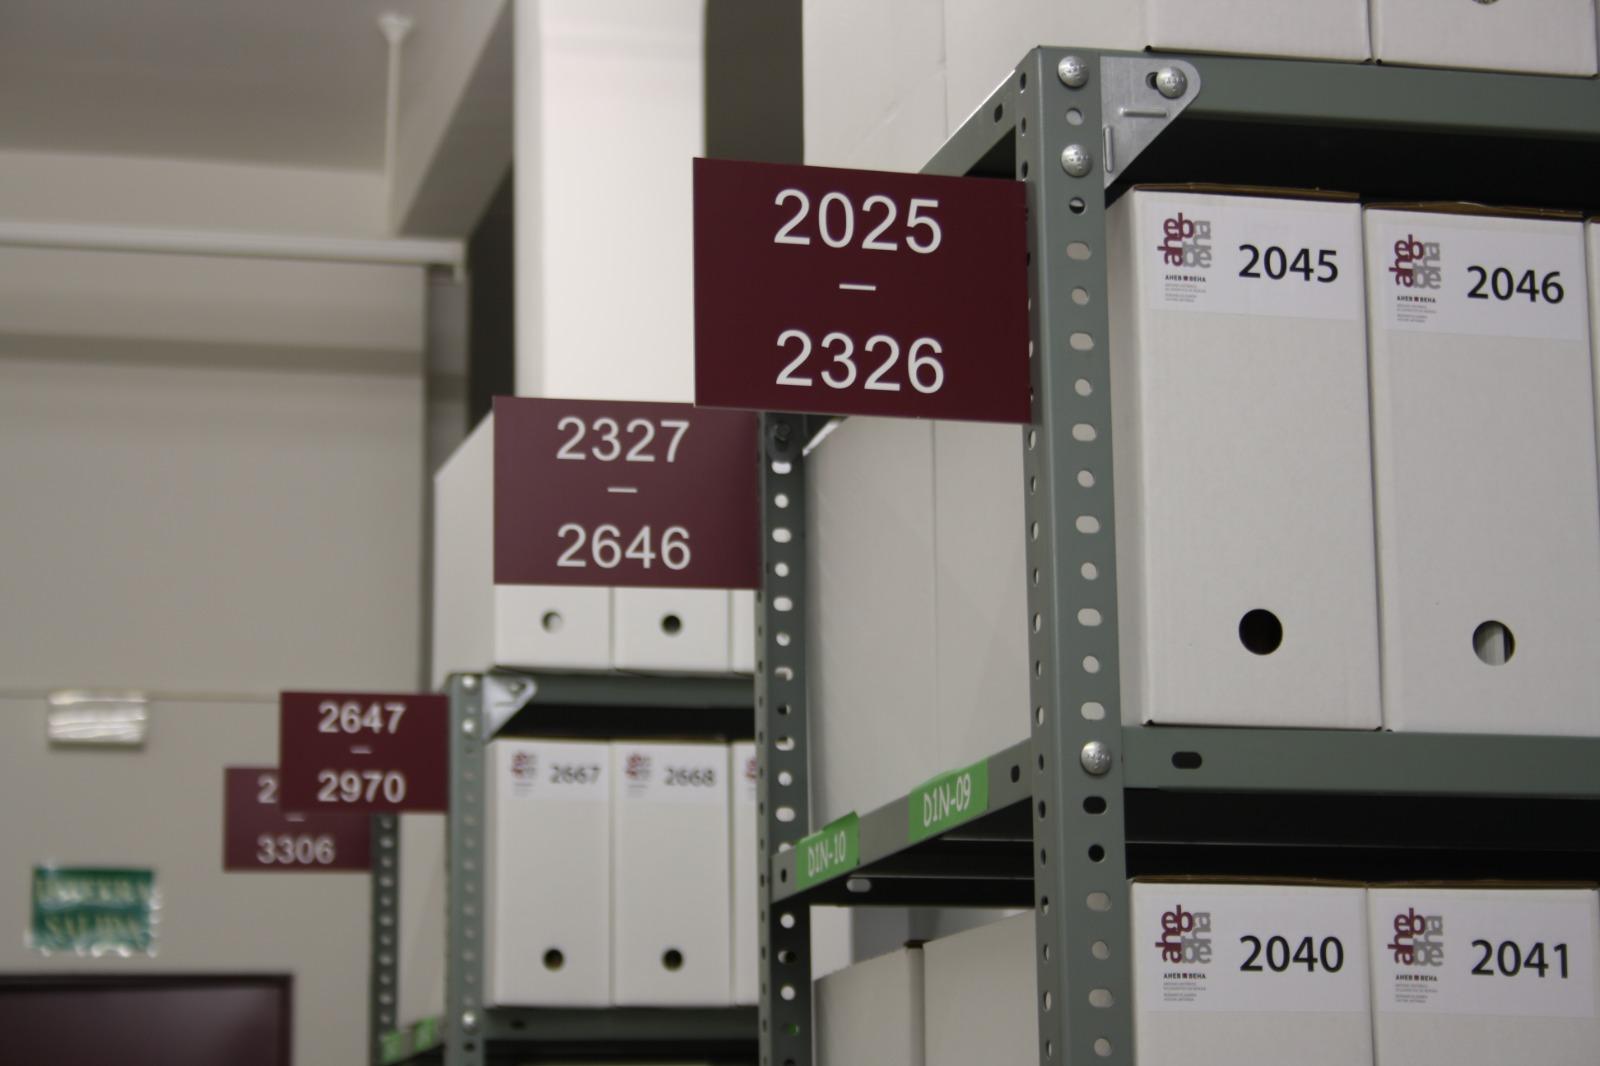 IMG-20210616-WA0001